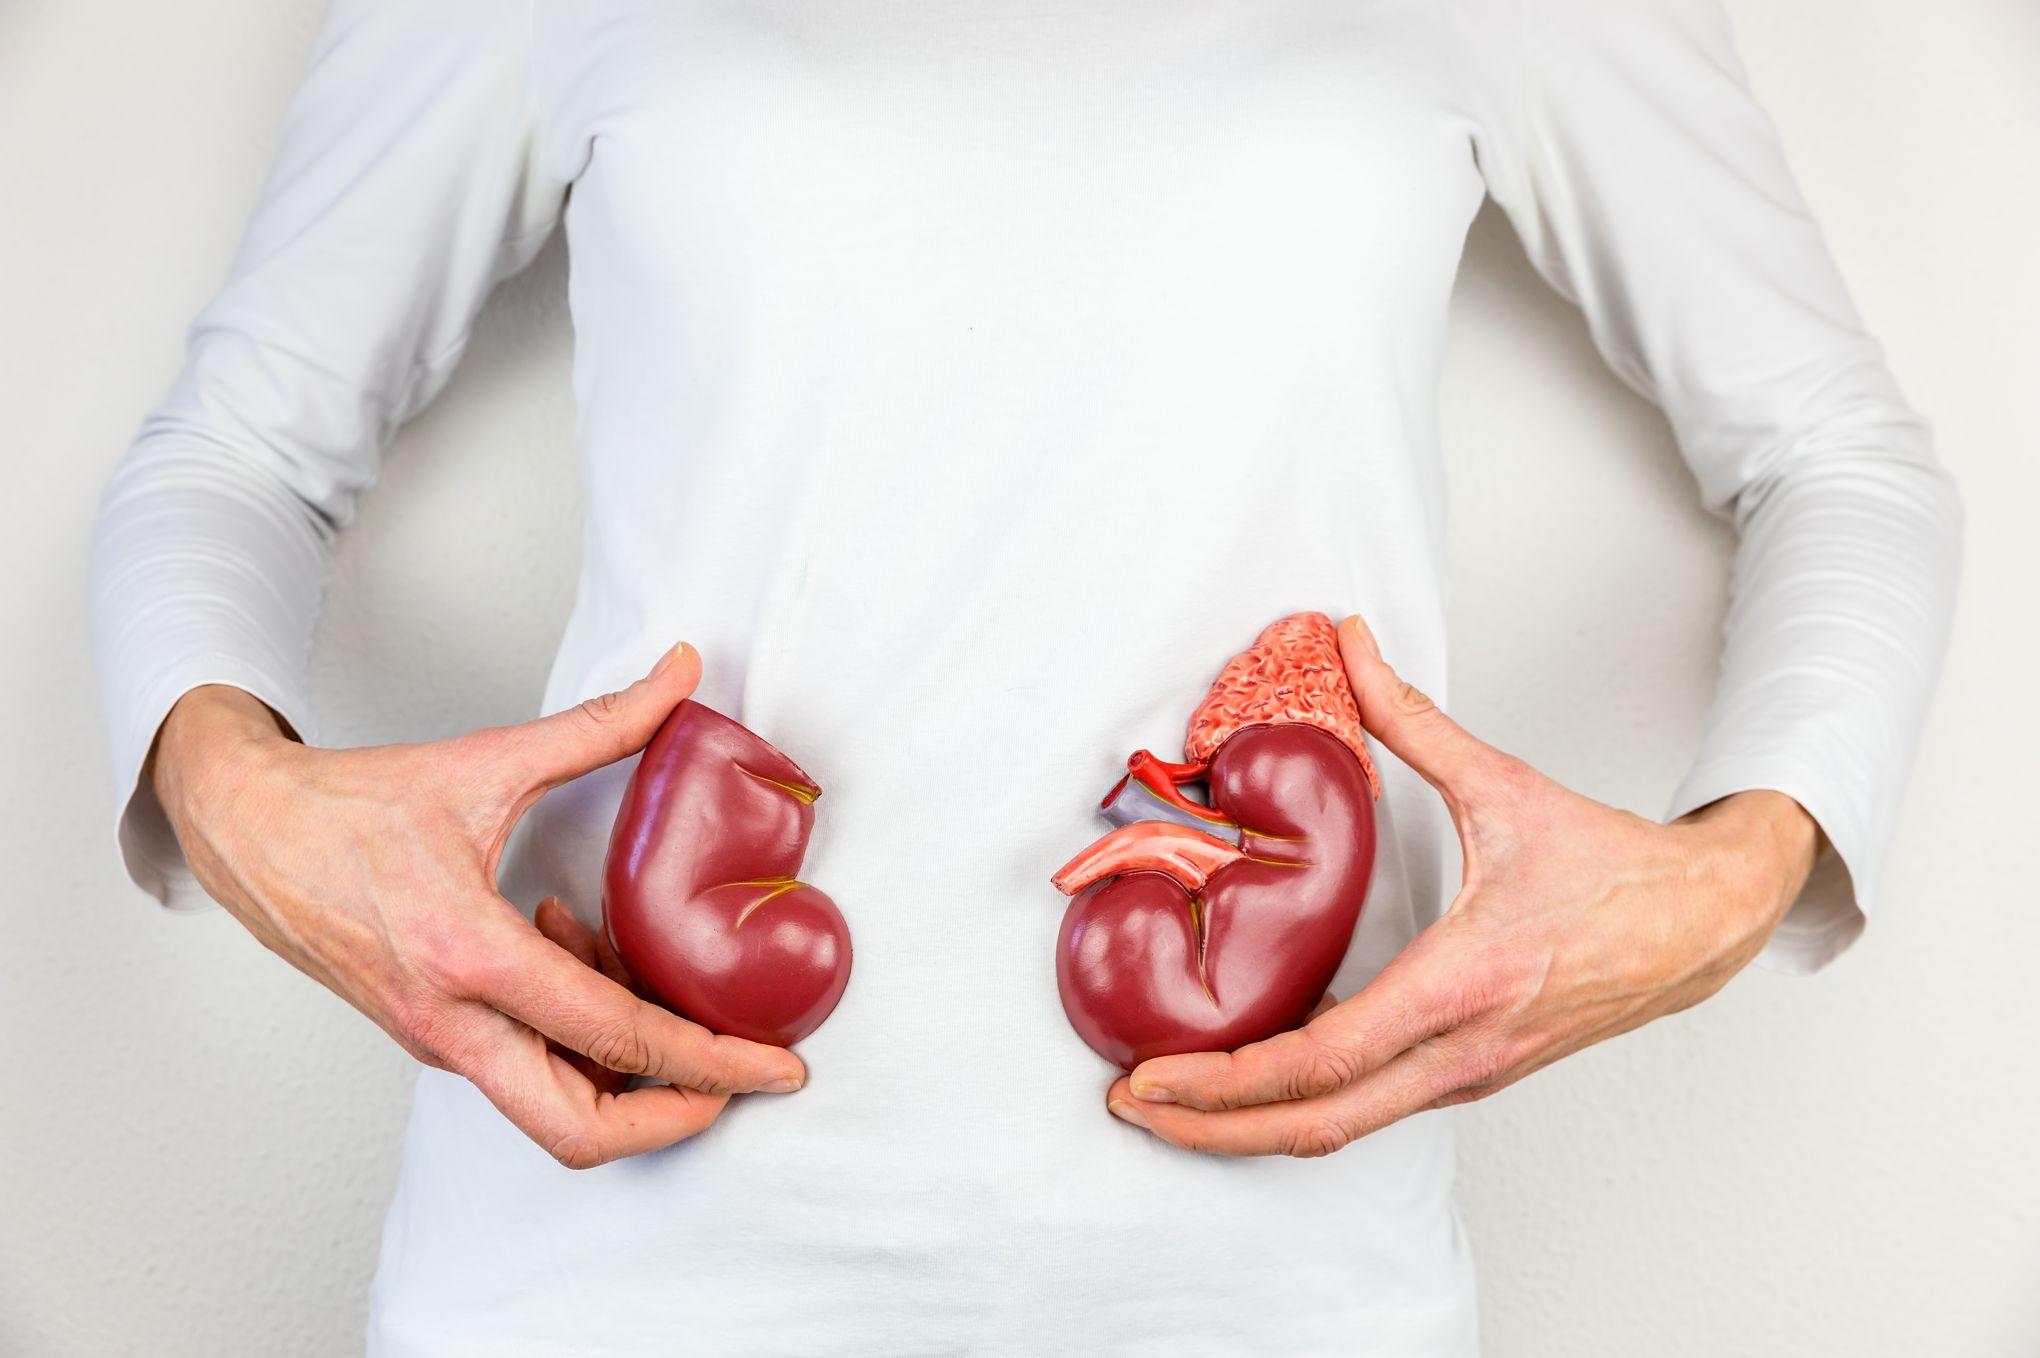 tratamiento holístico para la insuficiencia renal